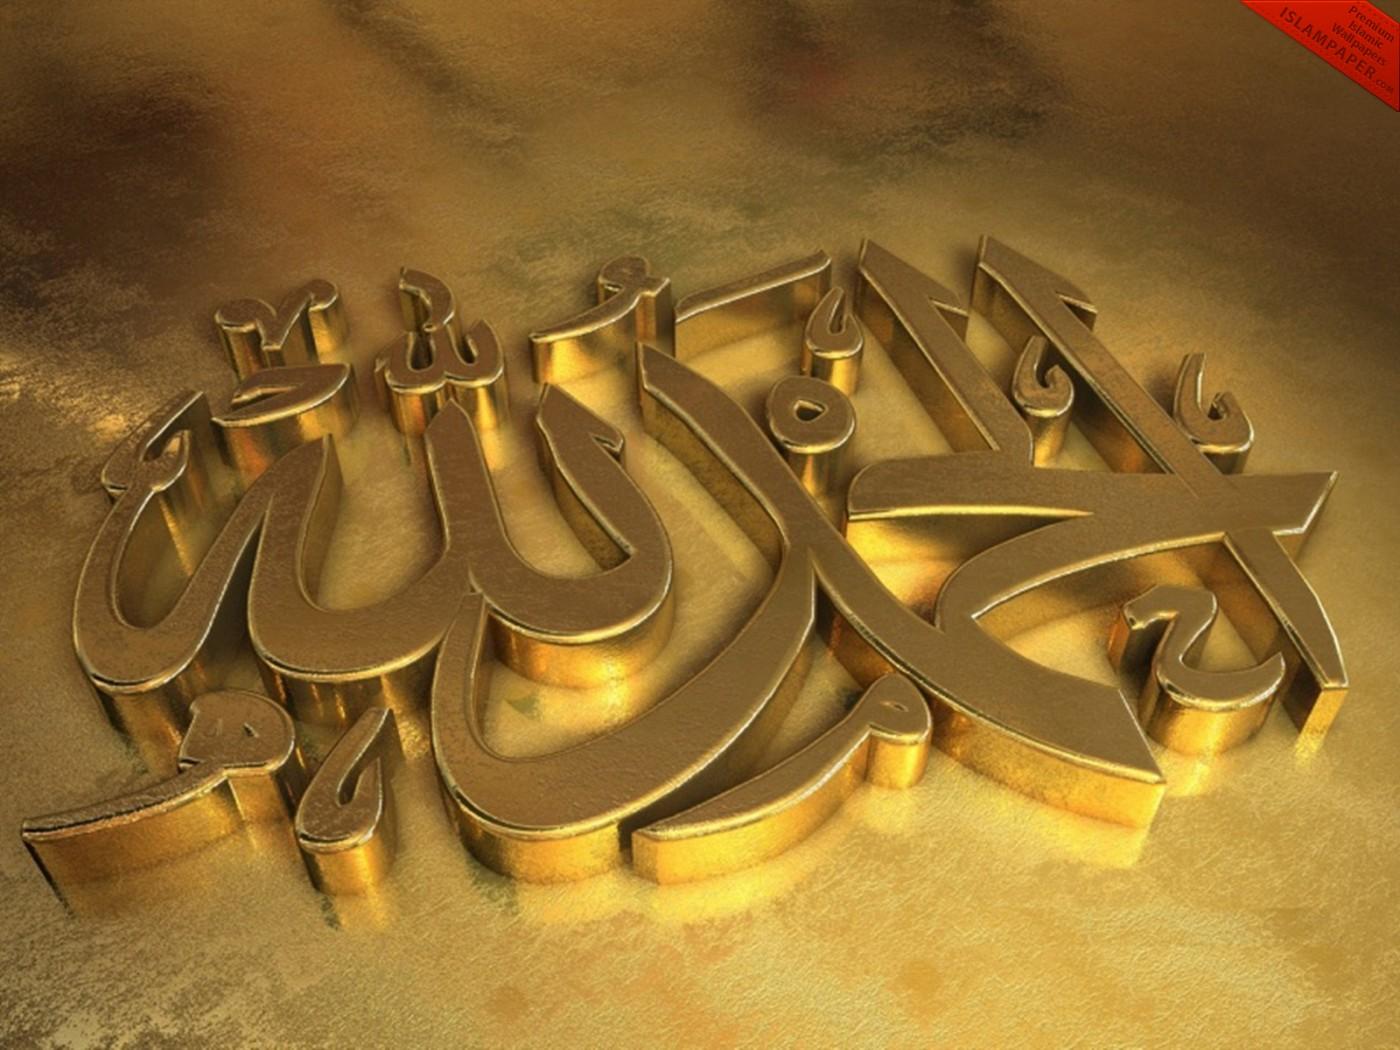 بالصور صور دينيه اسلاميه , استخدامات متعددة للصور الاسلامية 1833 8